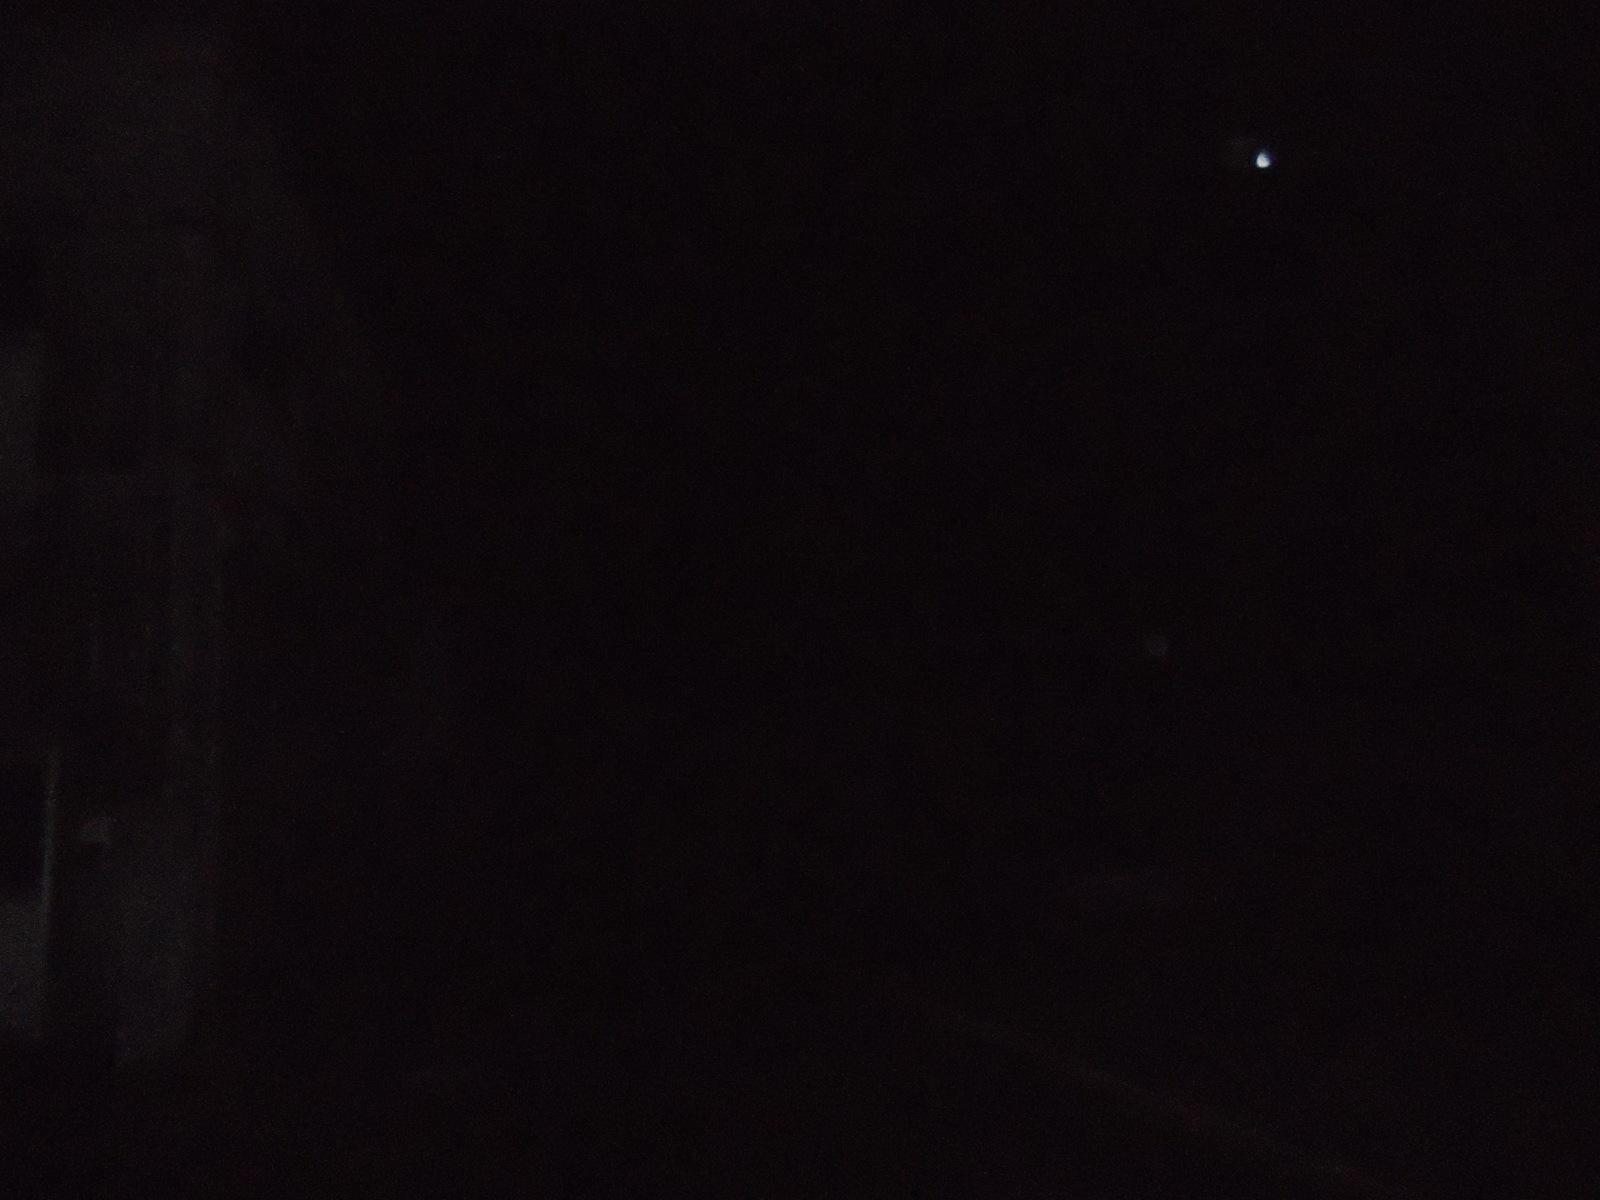 台風15号によるブラックアウトな夜!:11.09.21